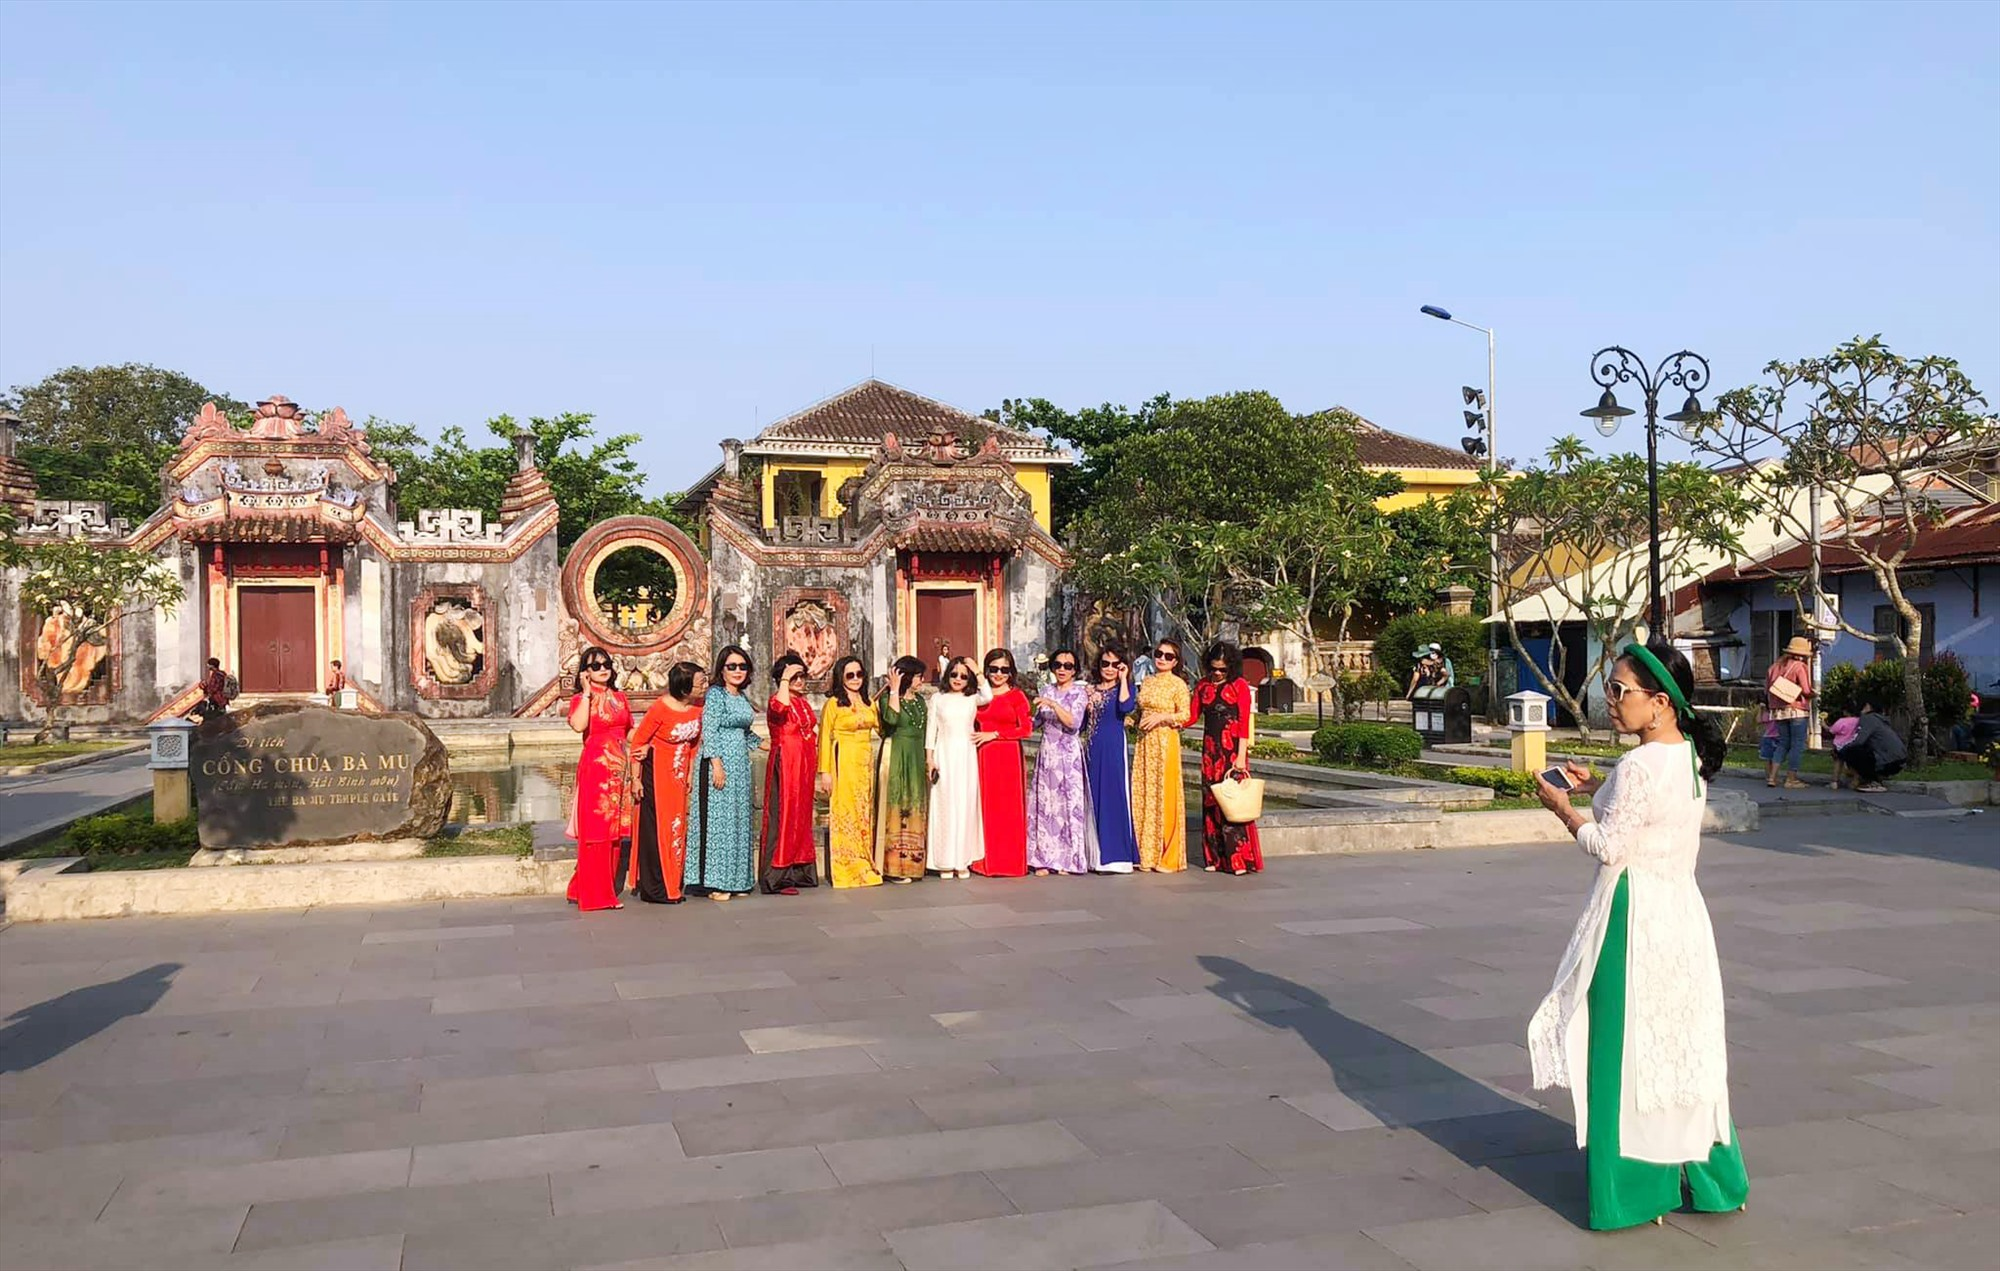 Tam quan Chùa Bà Mụ là nơi du khách thích chụp hình lưu niệm.